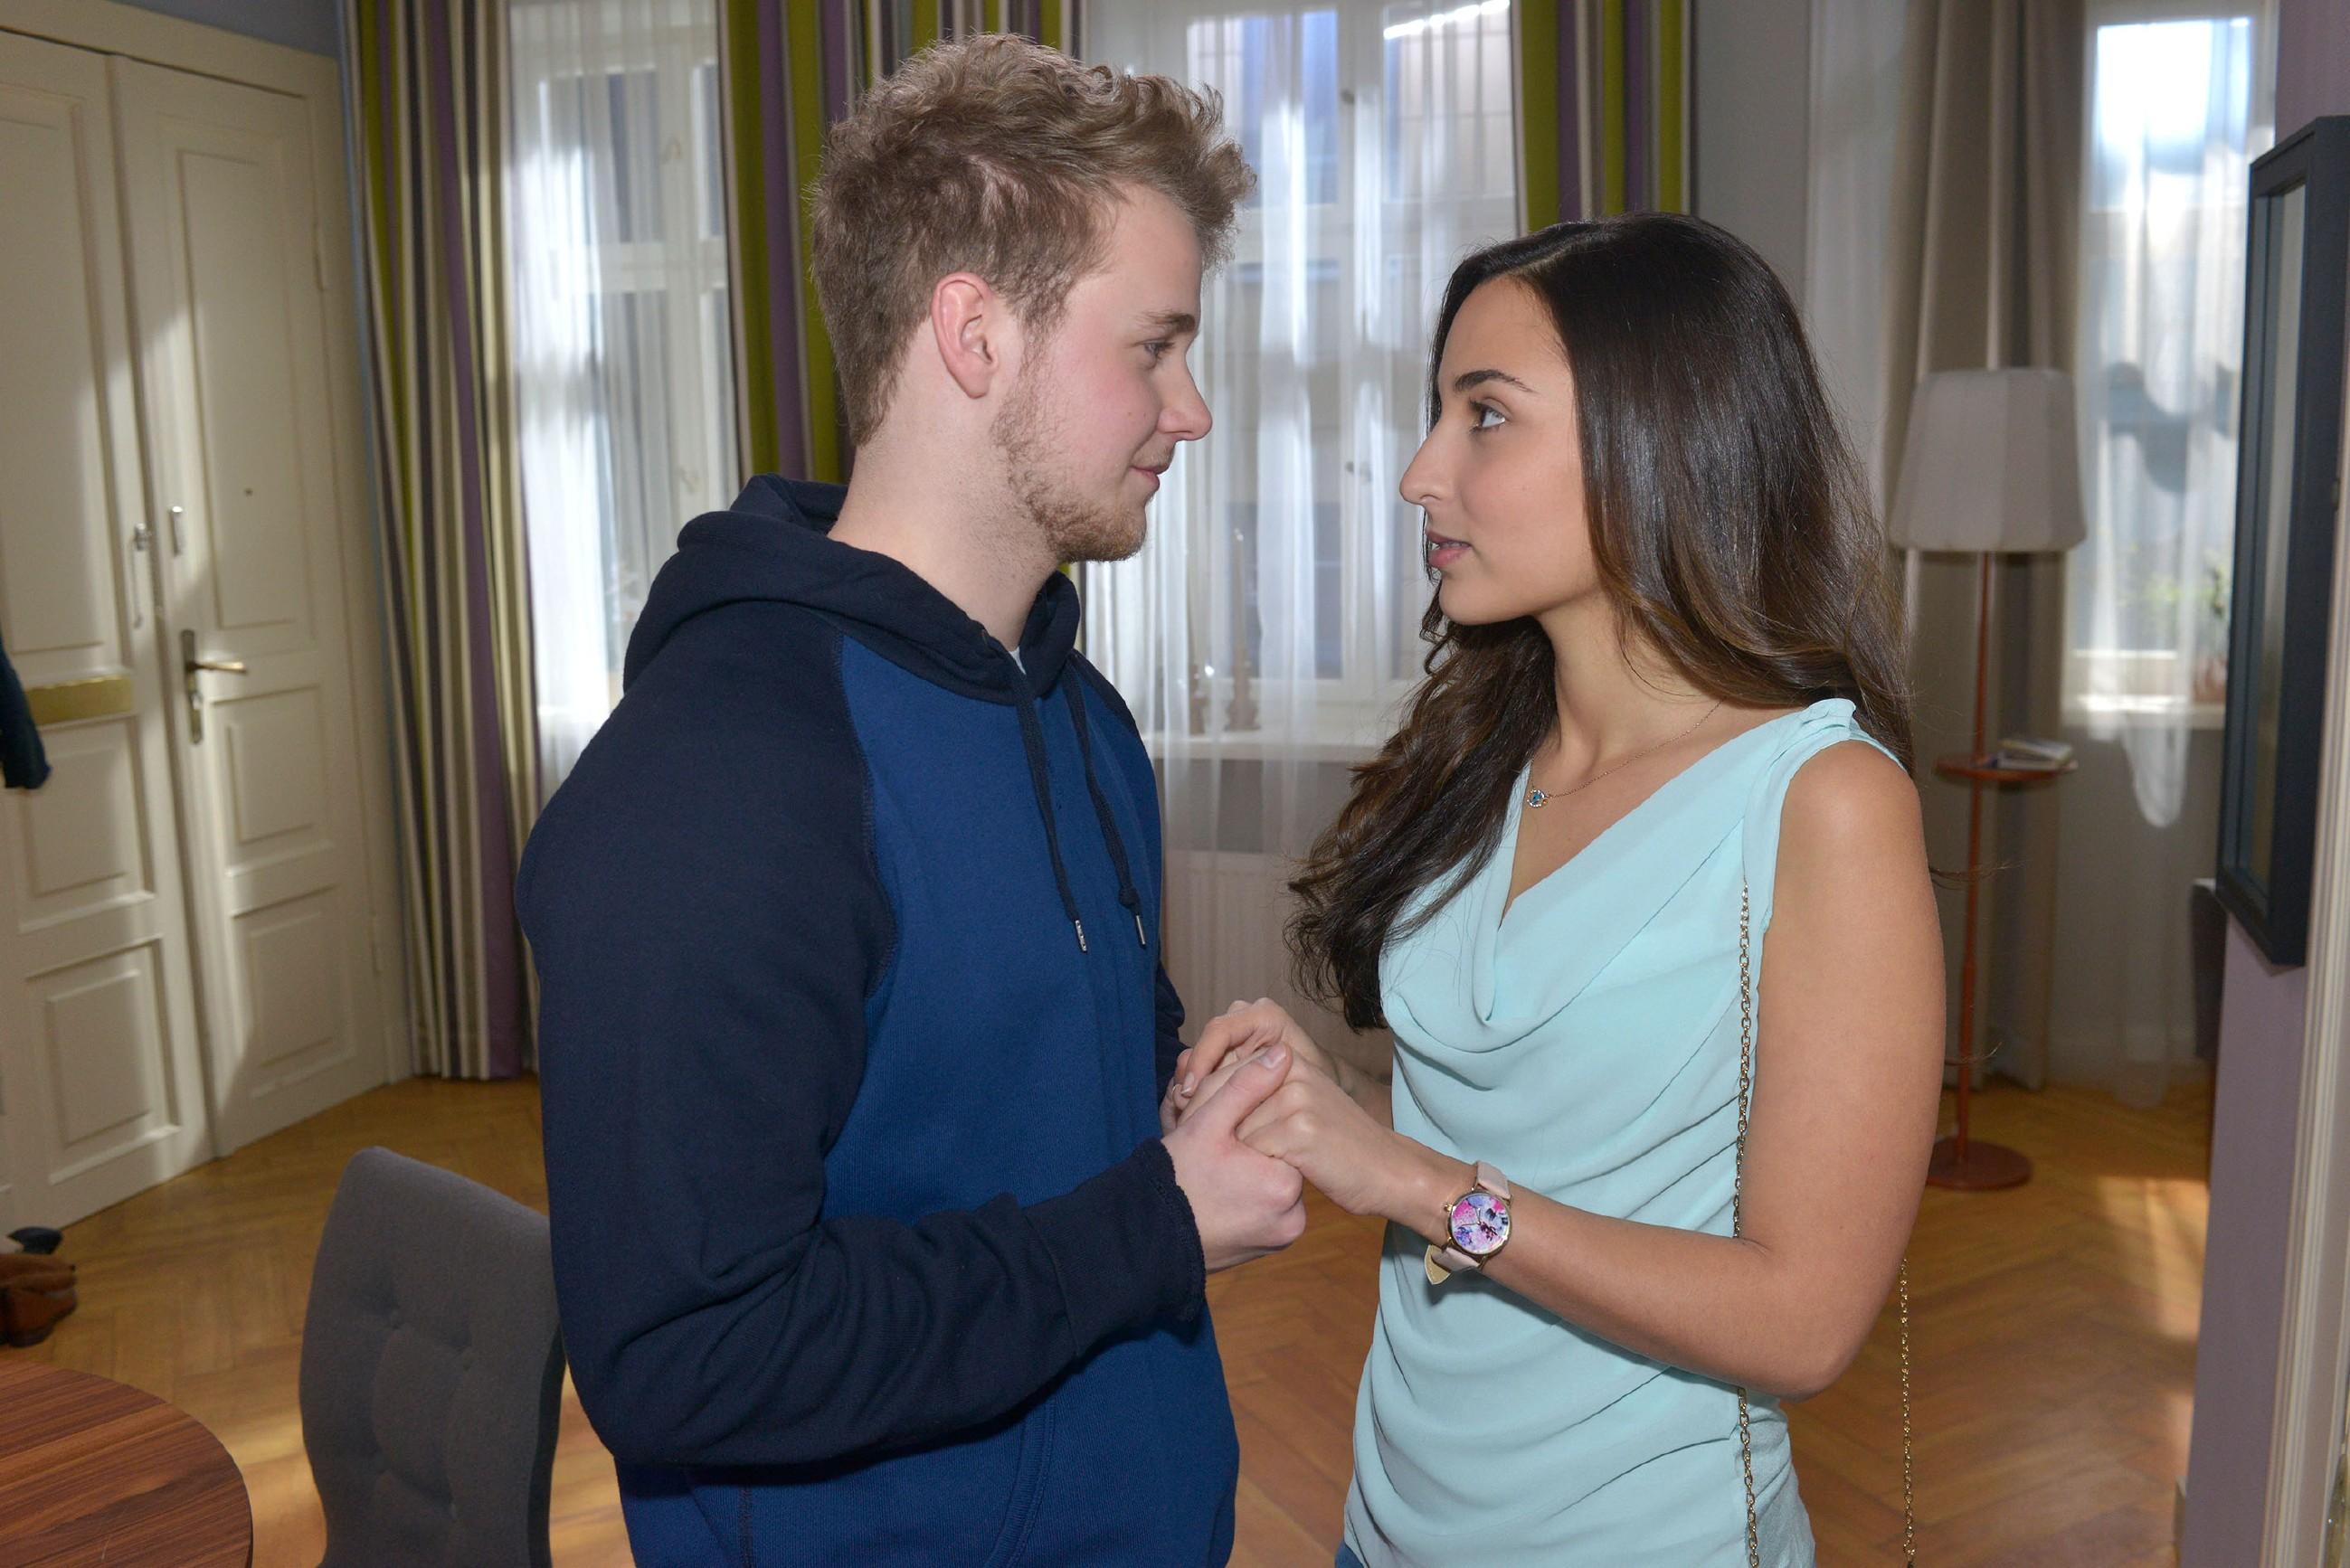 Traumsequenz: Selma (Rona Özkan) stellt sich vor, wie es wäre, Jonas (Felix van Deventer) ihre Gefühle zu gestehen. (Quelle: RTL / Rolf Baumgartner)